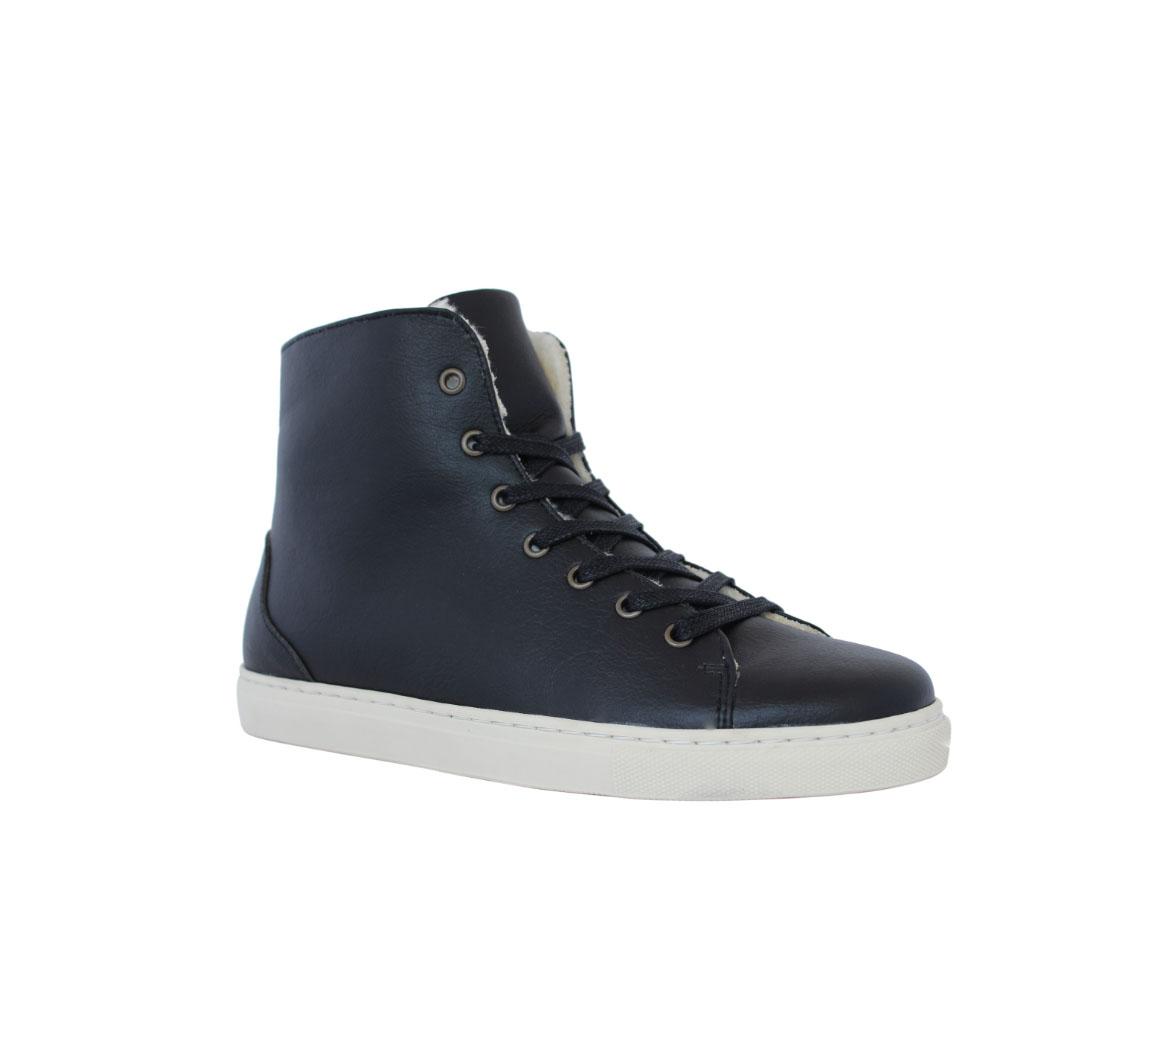 Chaussure montante vegan pour femme Polar Sneakers